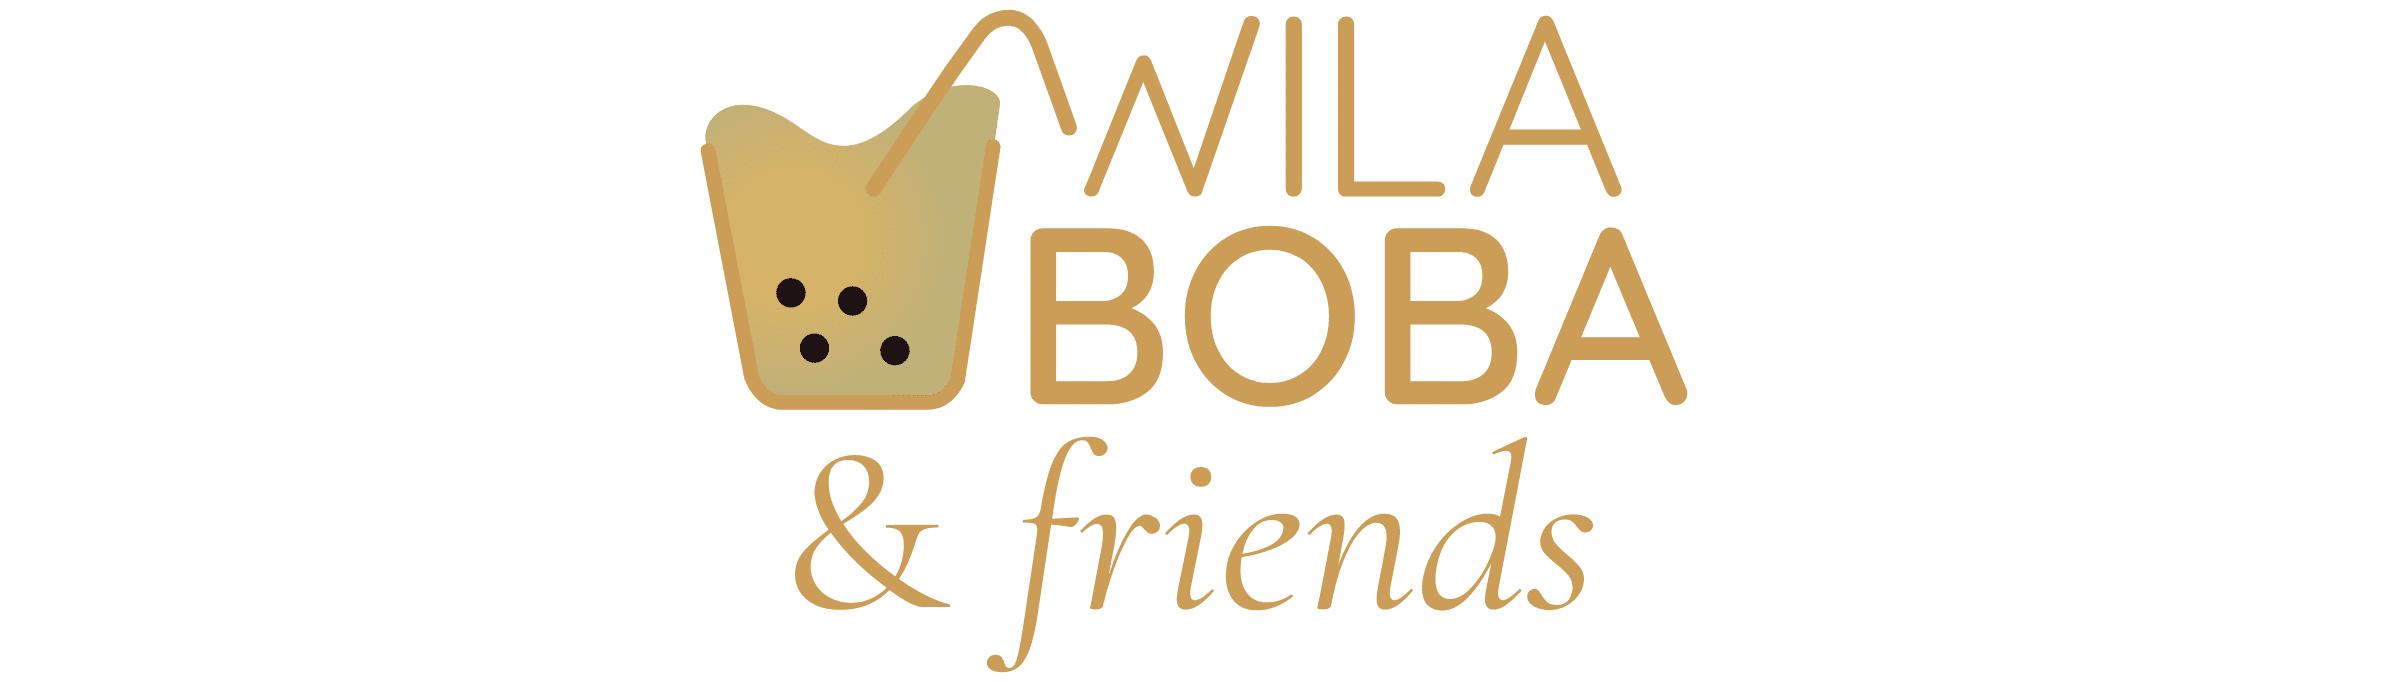 wilaboba-sklep-logo